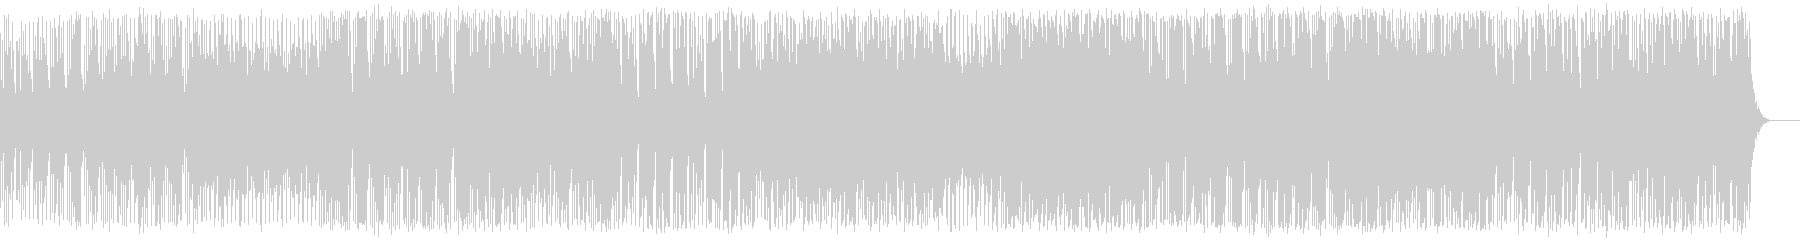 元気なエレクトロポップの未再生の波形